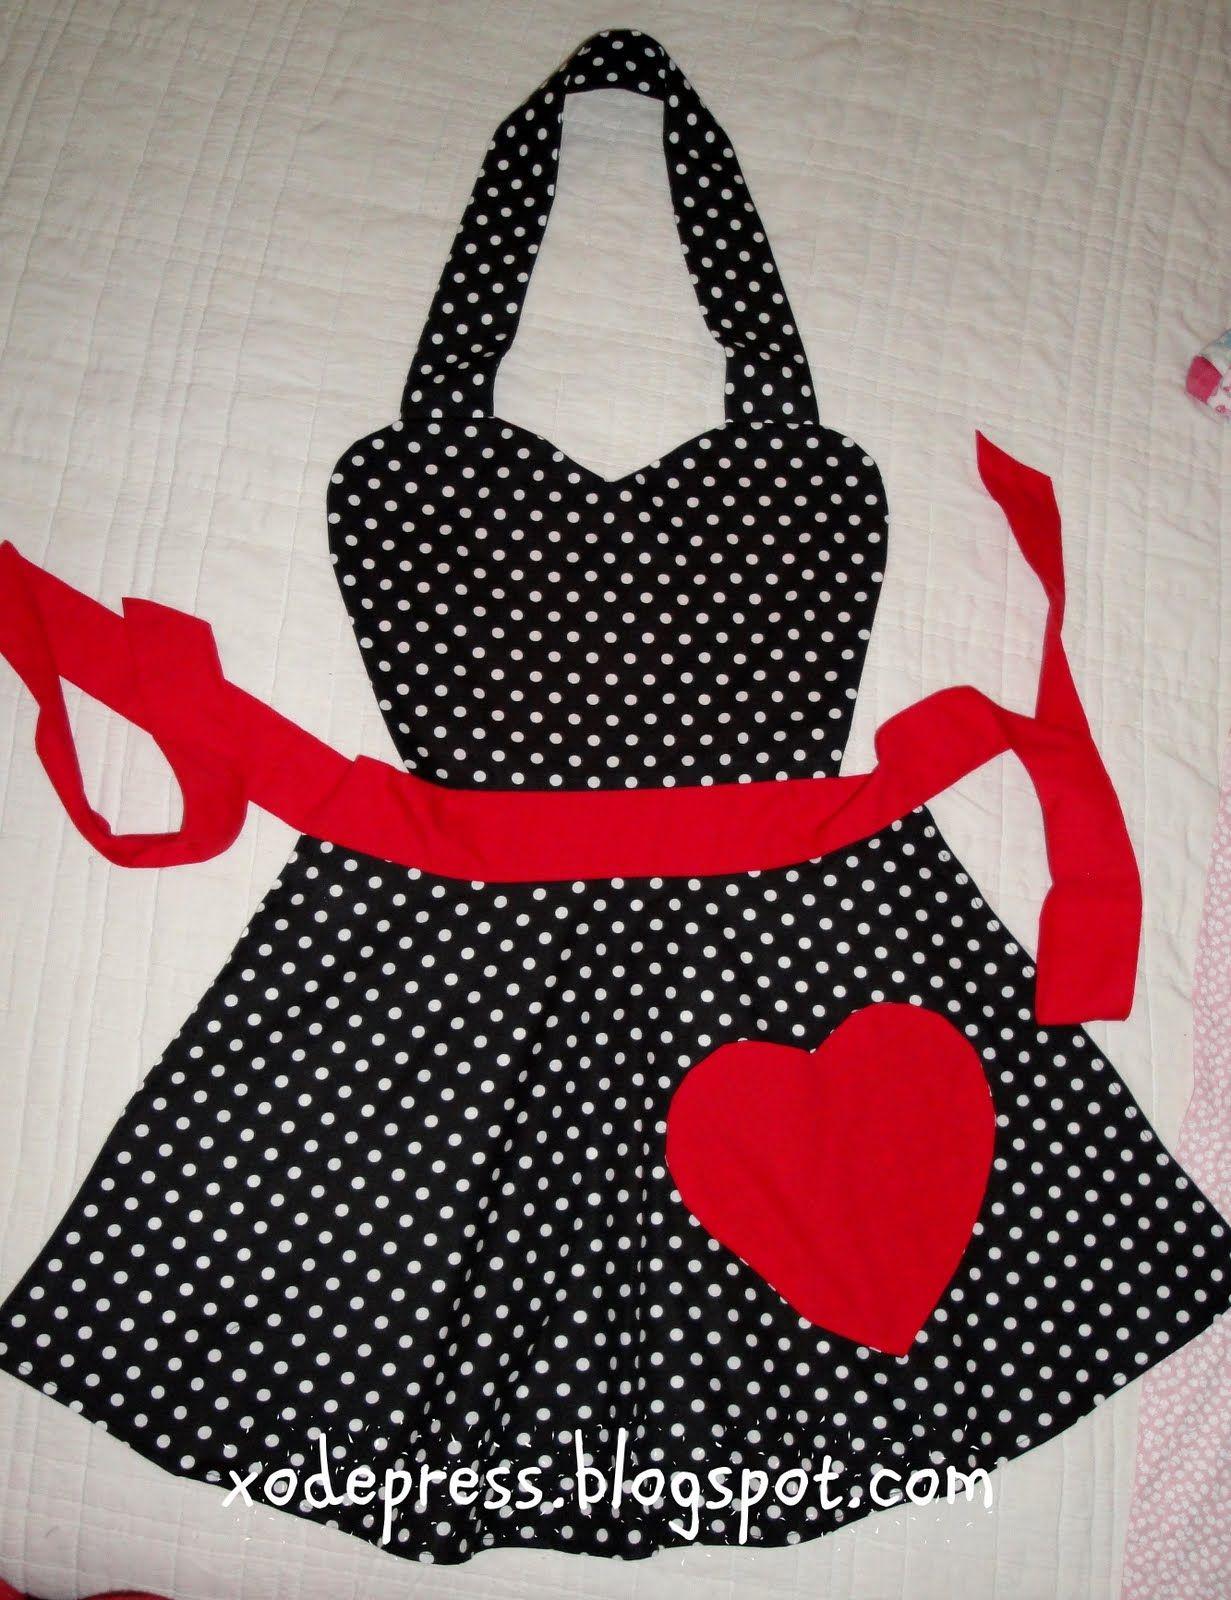 Sonho retrô*: Avental preto poás com detalhe em vermelho | enxoval ...